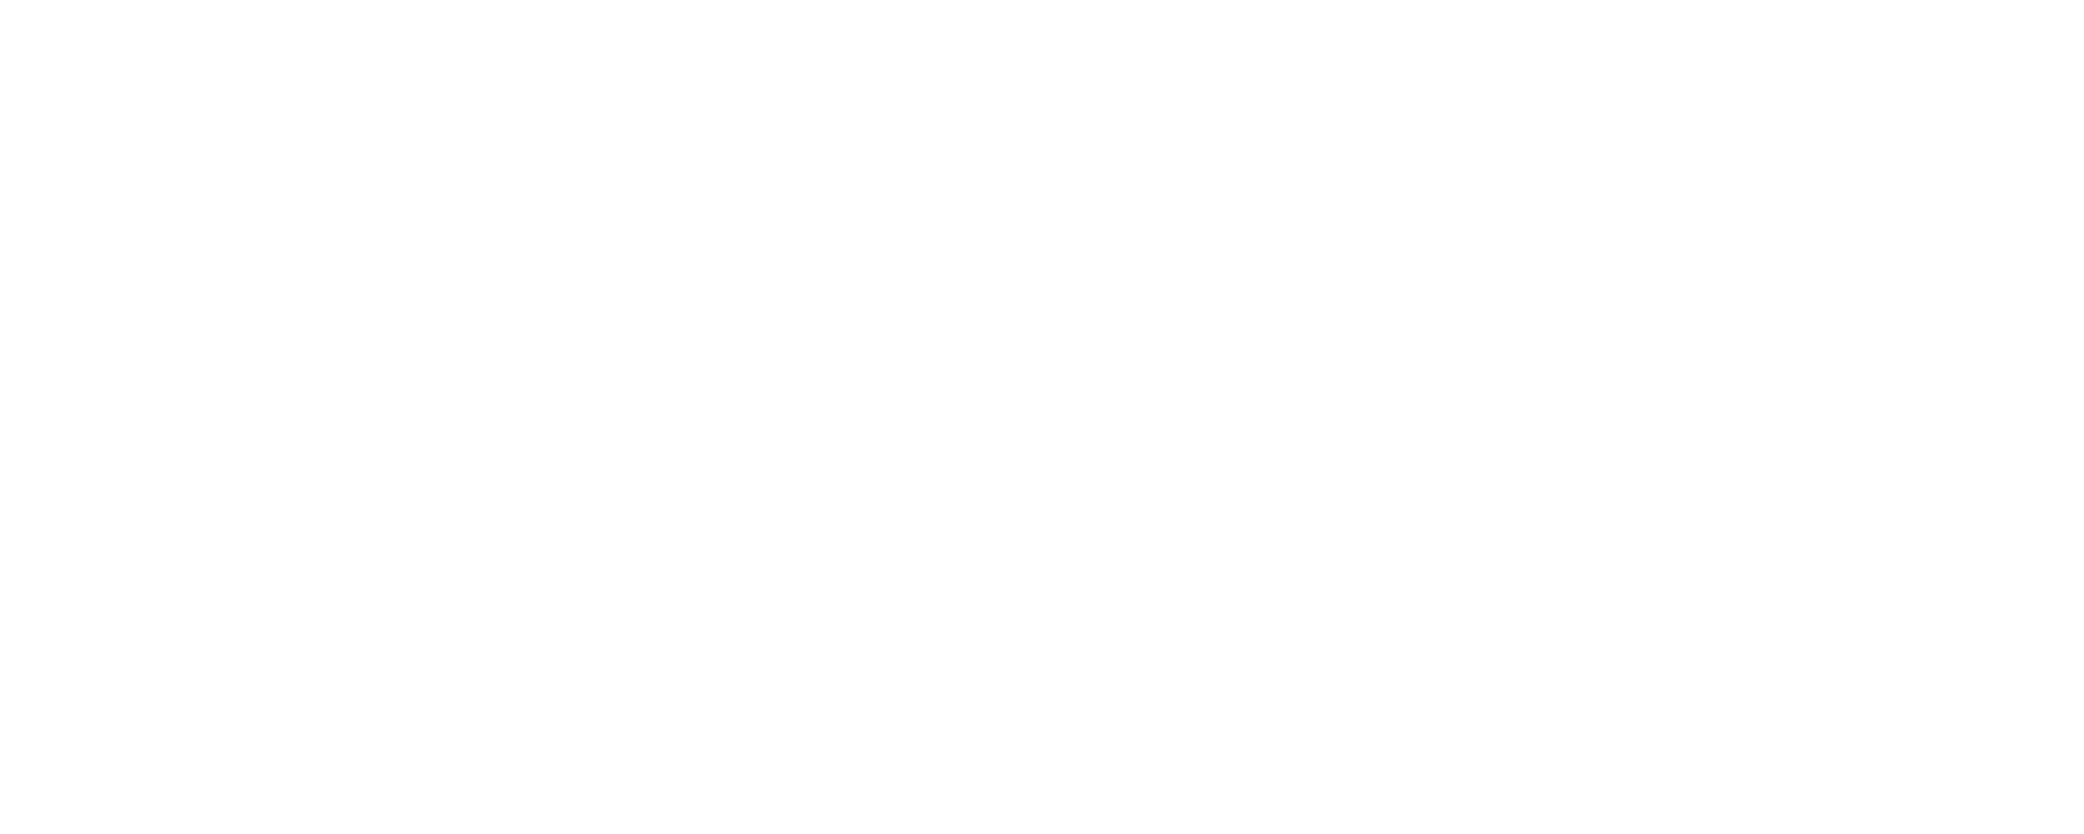 Logos_TUBS_white